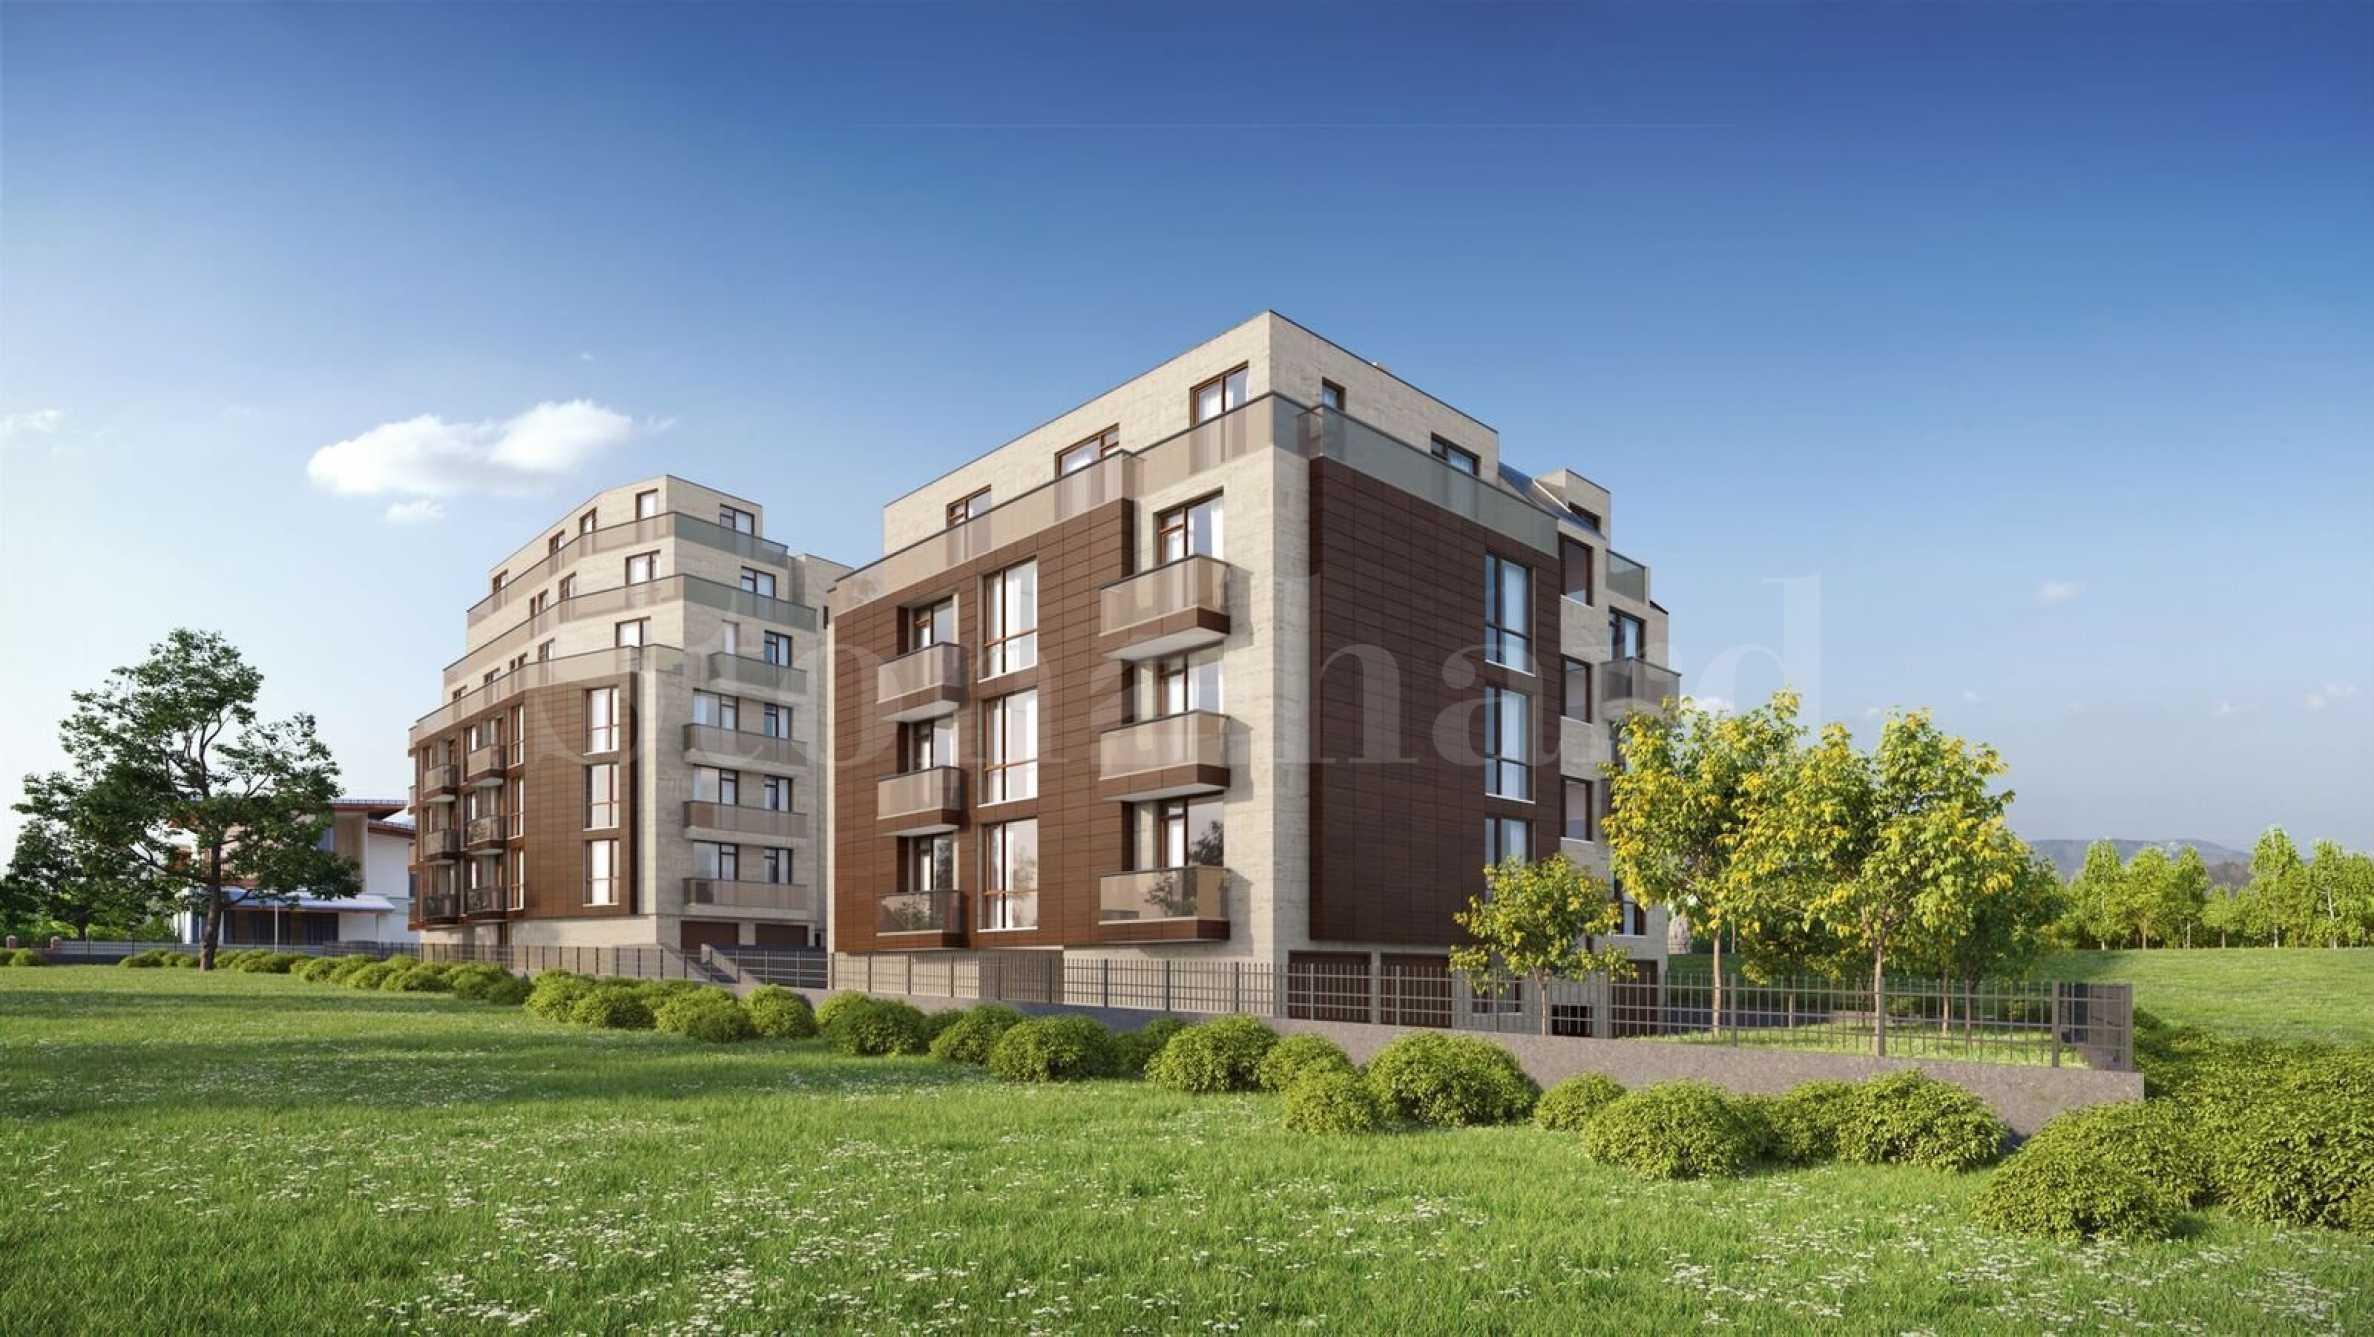 Нови апартаменти в луксозен комплекс в комуникативен квартал2 - Stonehard